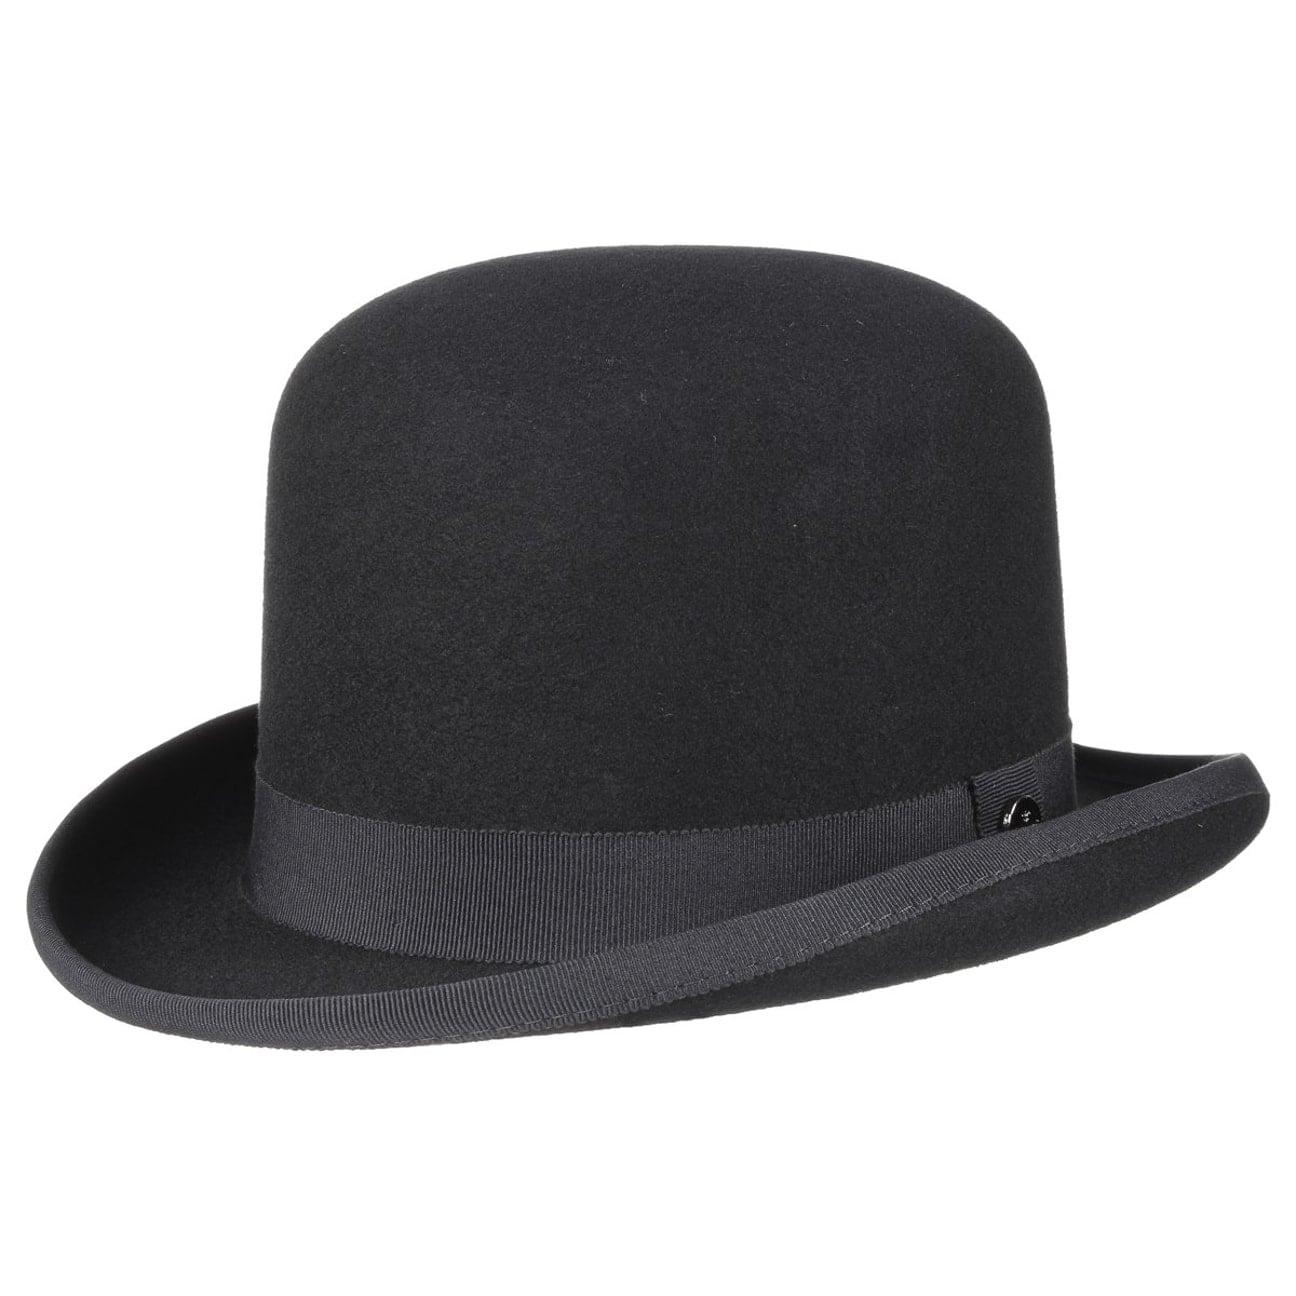 74c9aa23 ... Wool Felt Bowler Hat by Lierys - black 4